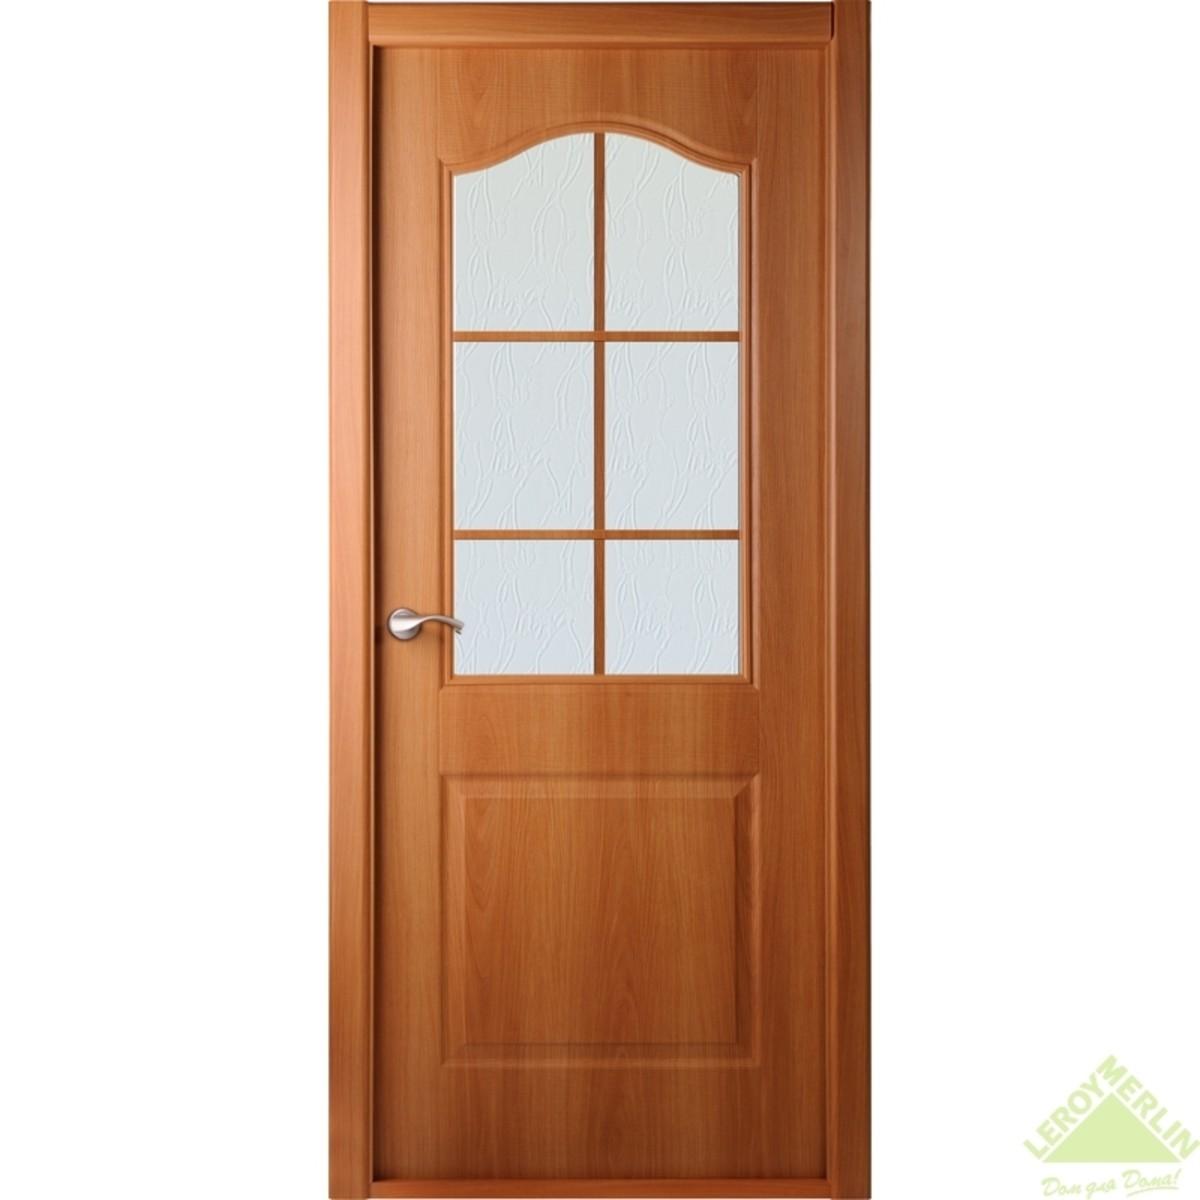 Дверь Межкомнатная Остеклённая Капричеза 600x2000 Миланский Орех